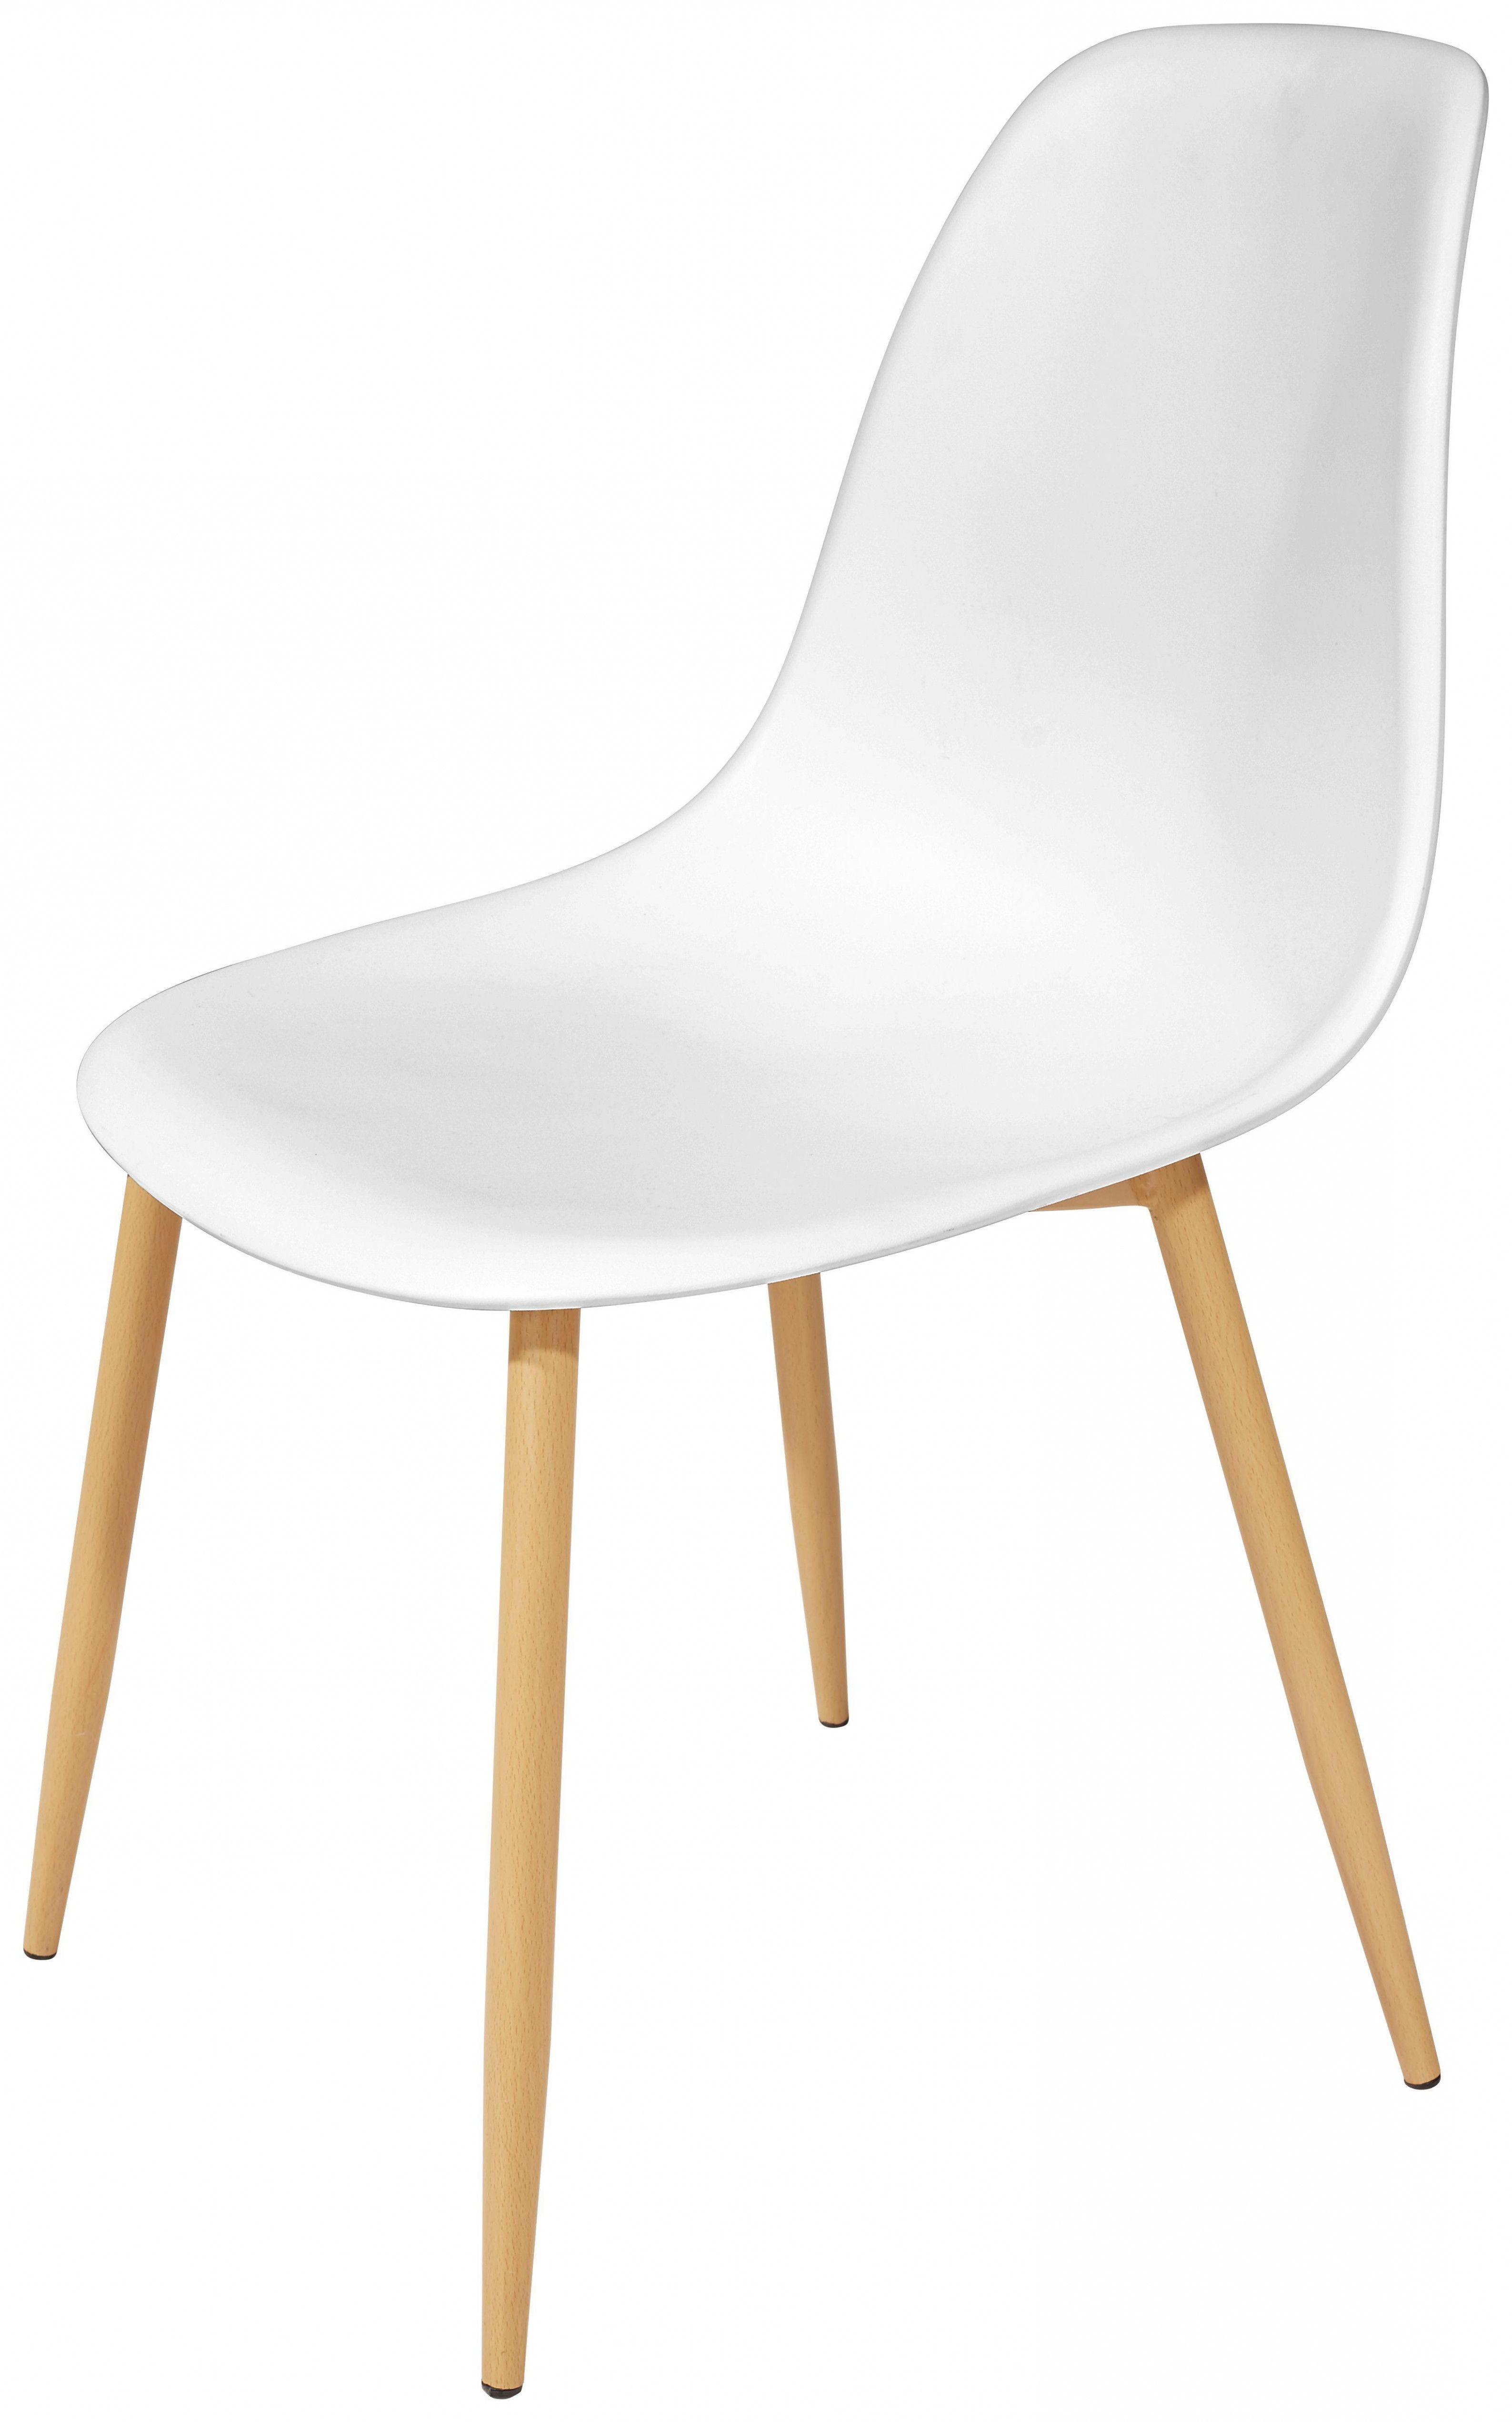 15 Umwerfende Grunde Warum Design Stuhl Fur Badezimmer Schlafzimmer Einrichten Schone Schlafzimmer Schlafzimmer Ideen